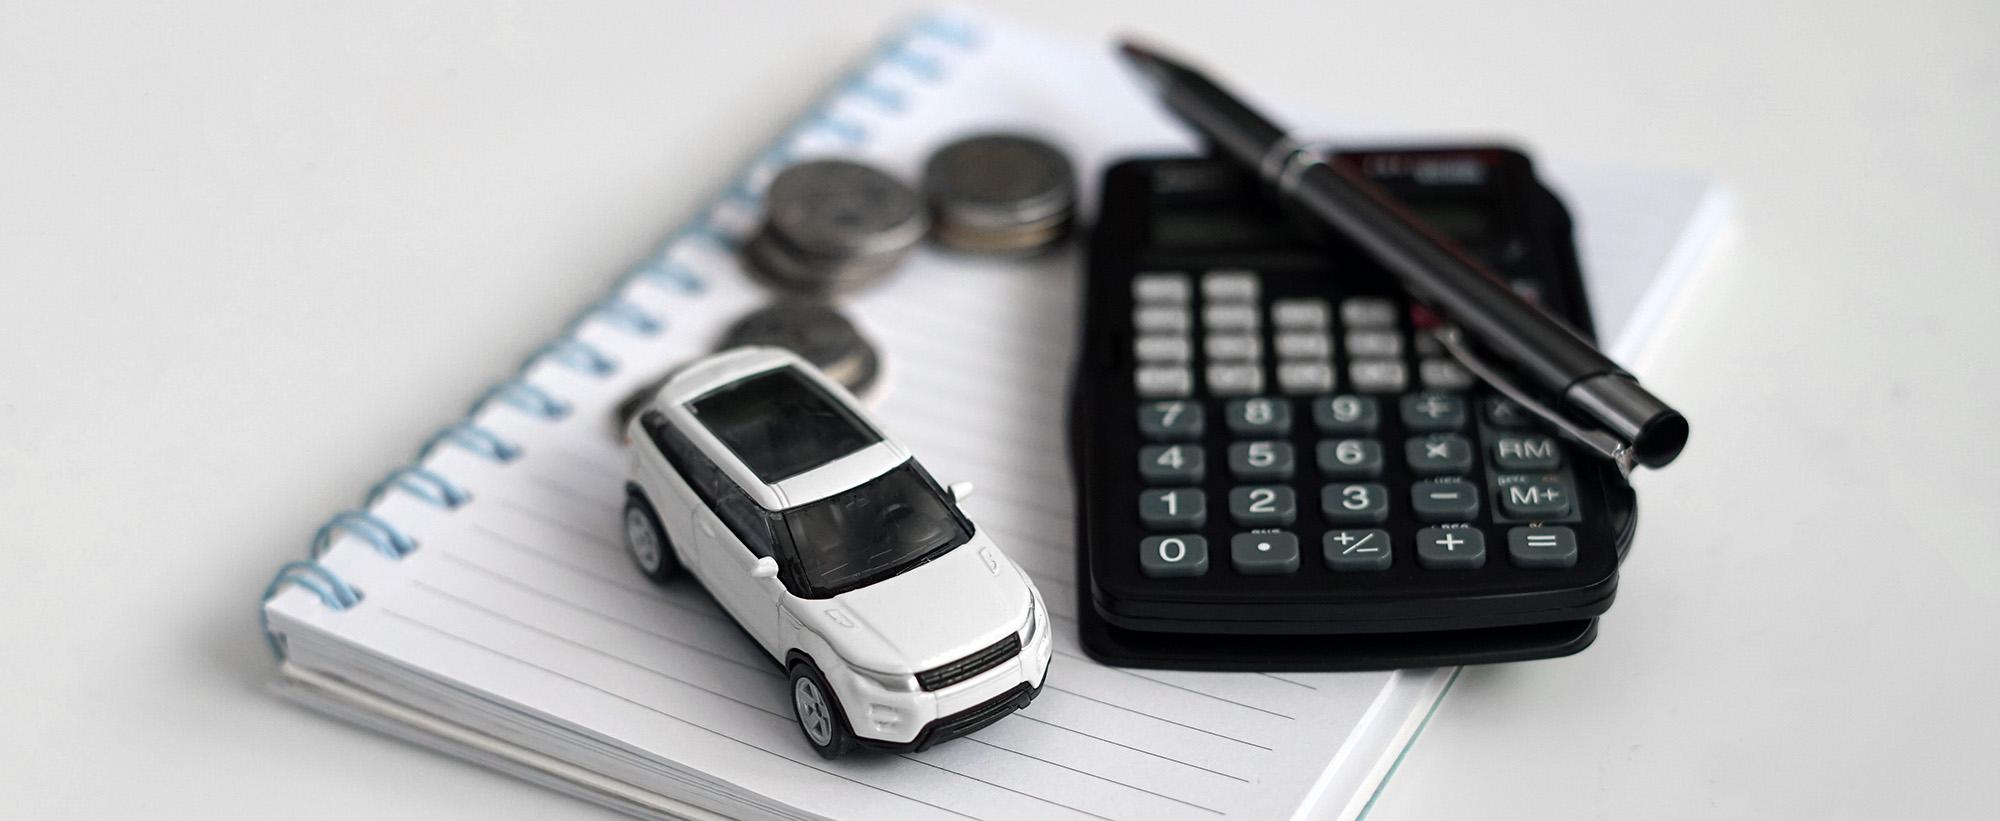 Av oss får du en korrekt värdering när du ska sälja bil i Stockholm.